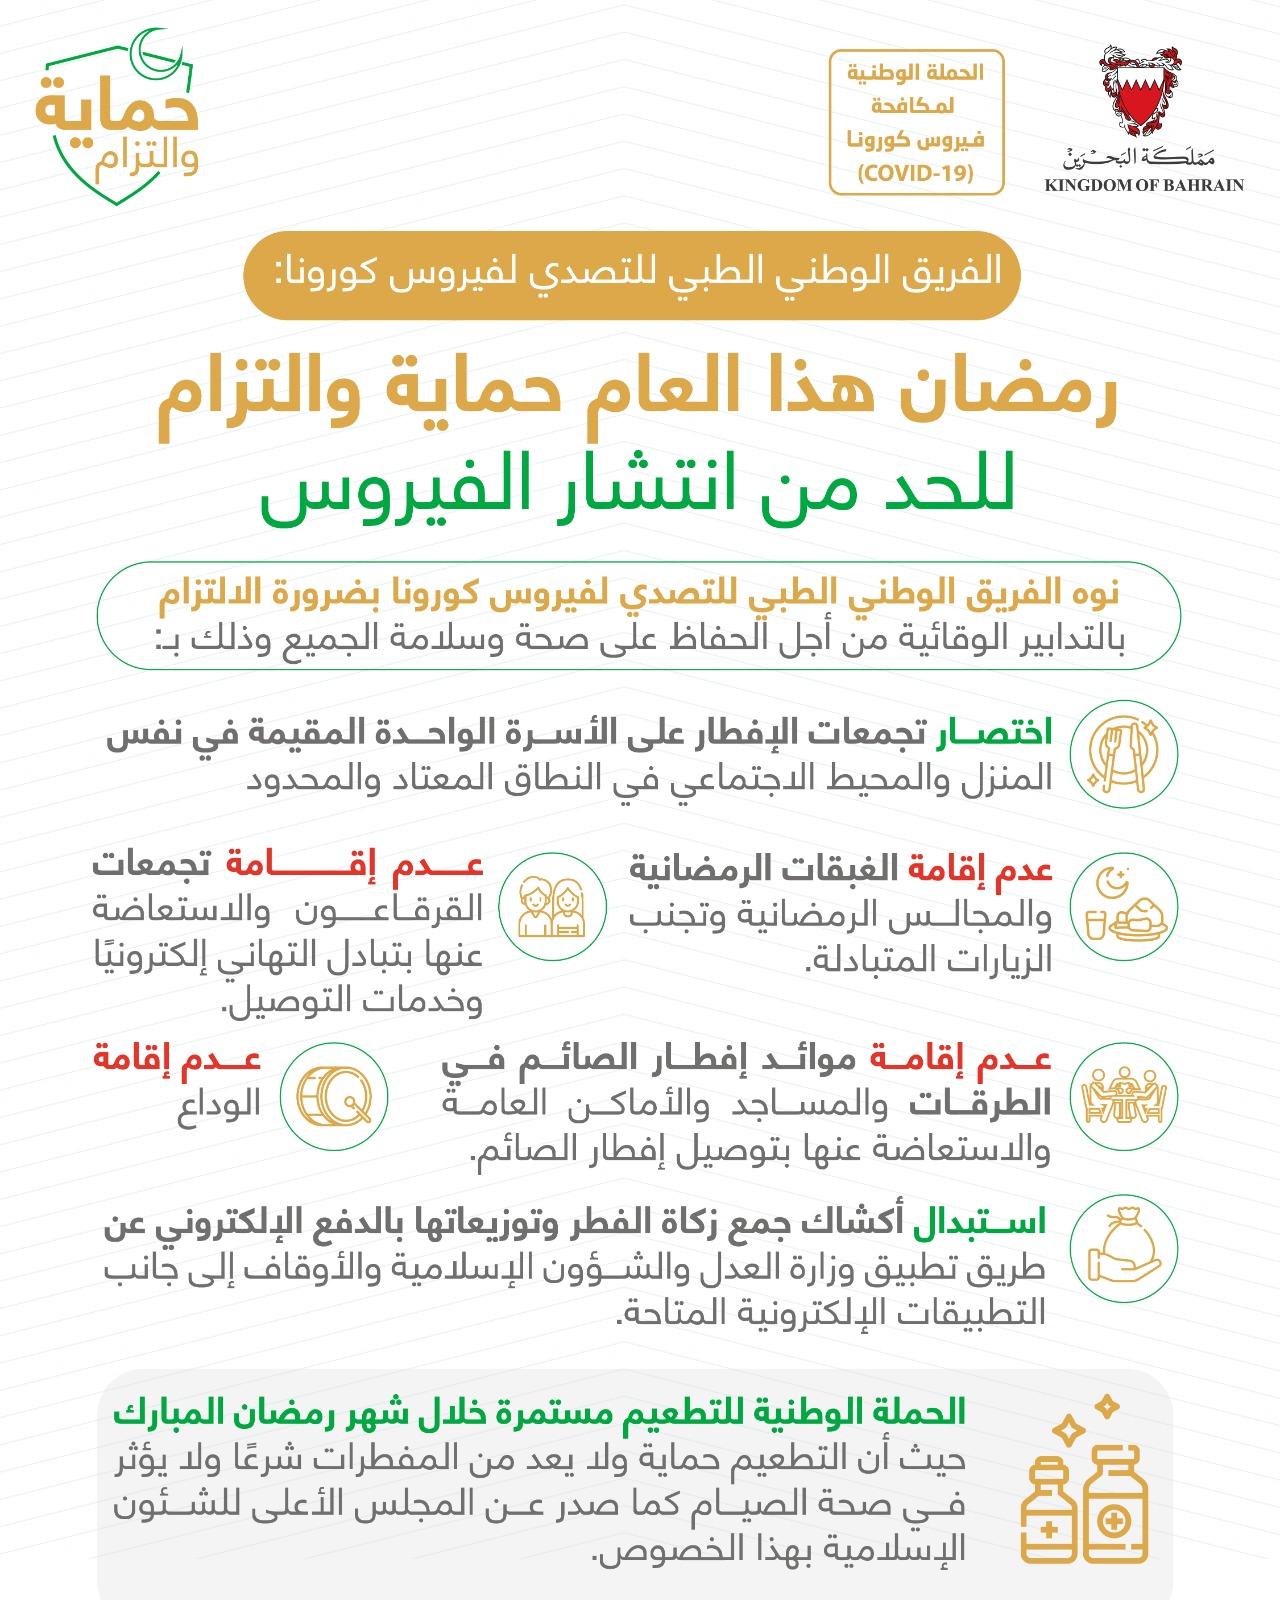 الفريق الوطني الطبي للتصدي لفيروس كورونا: رمضان هذا العام حماية والتزام للحد من انتشار الفيروس